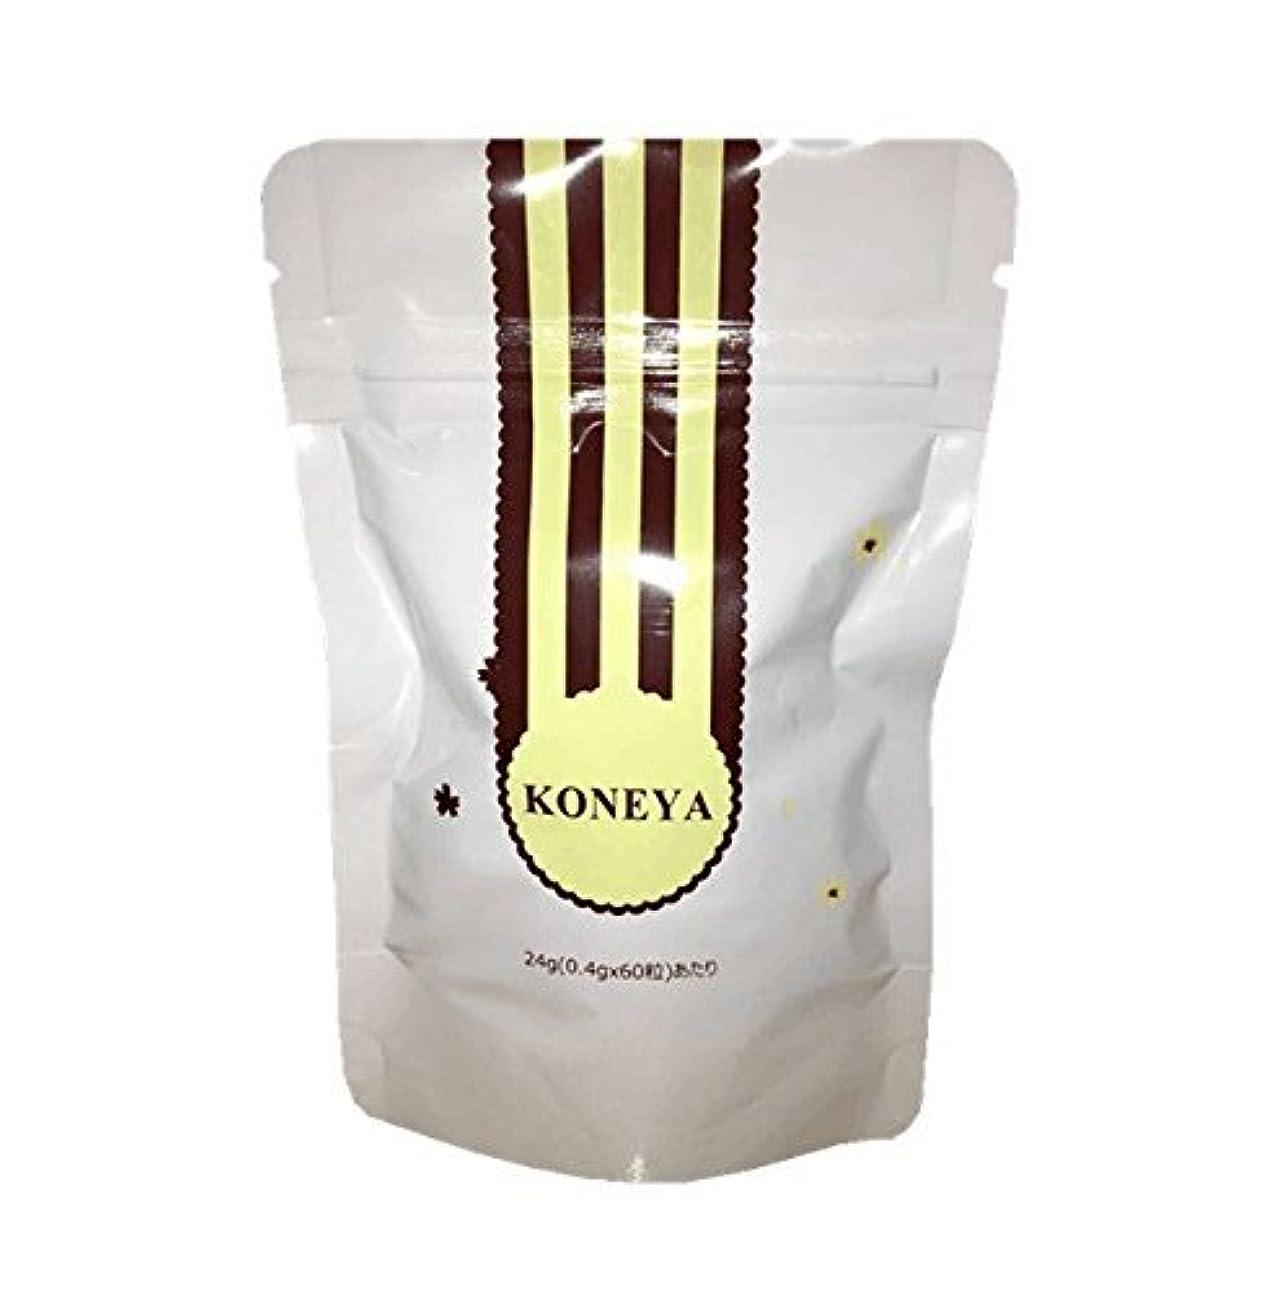 ファブリック改修する社交的KONEYA ダイエット酵素サプリメント